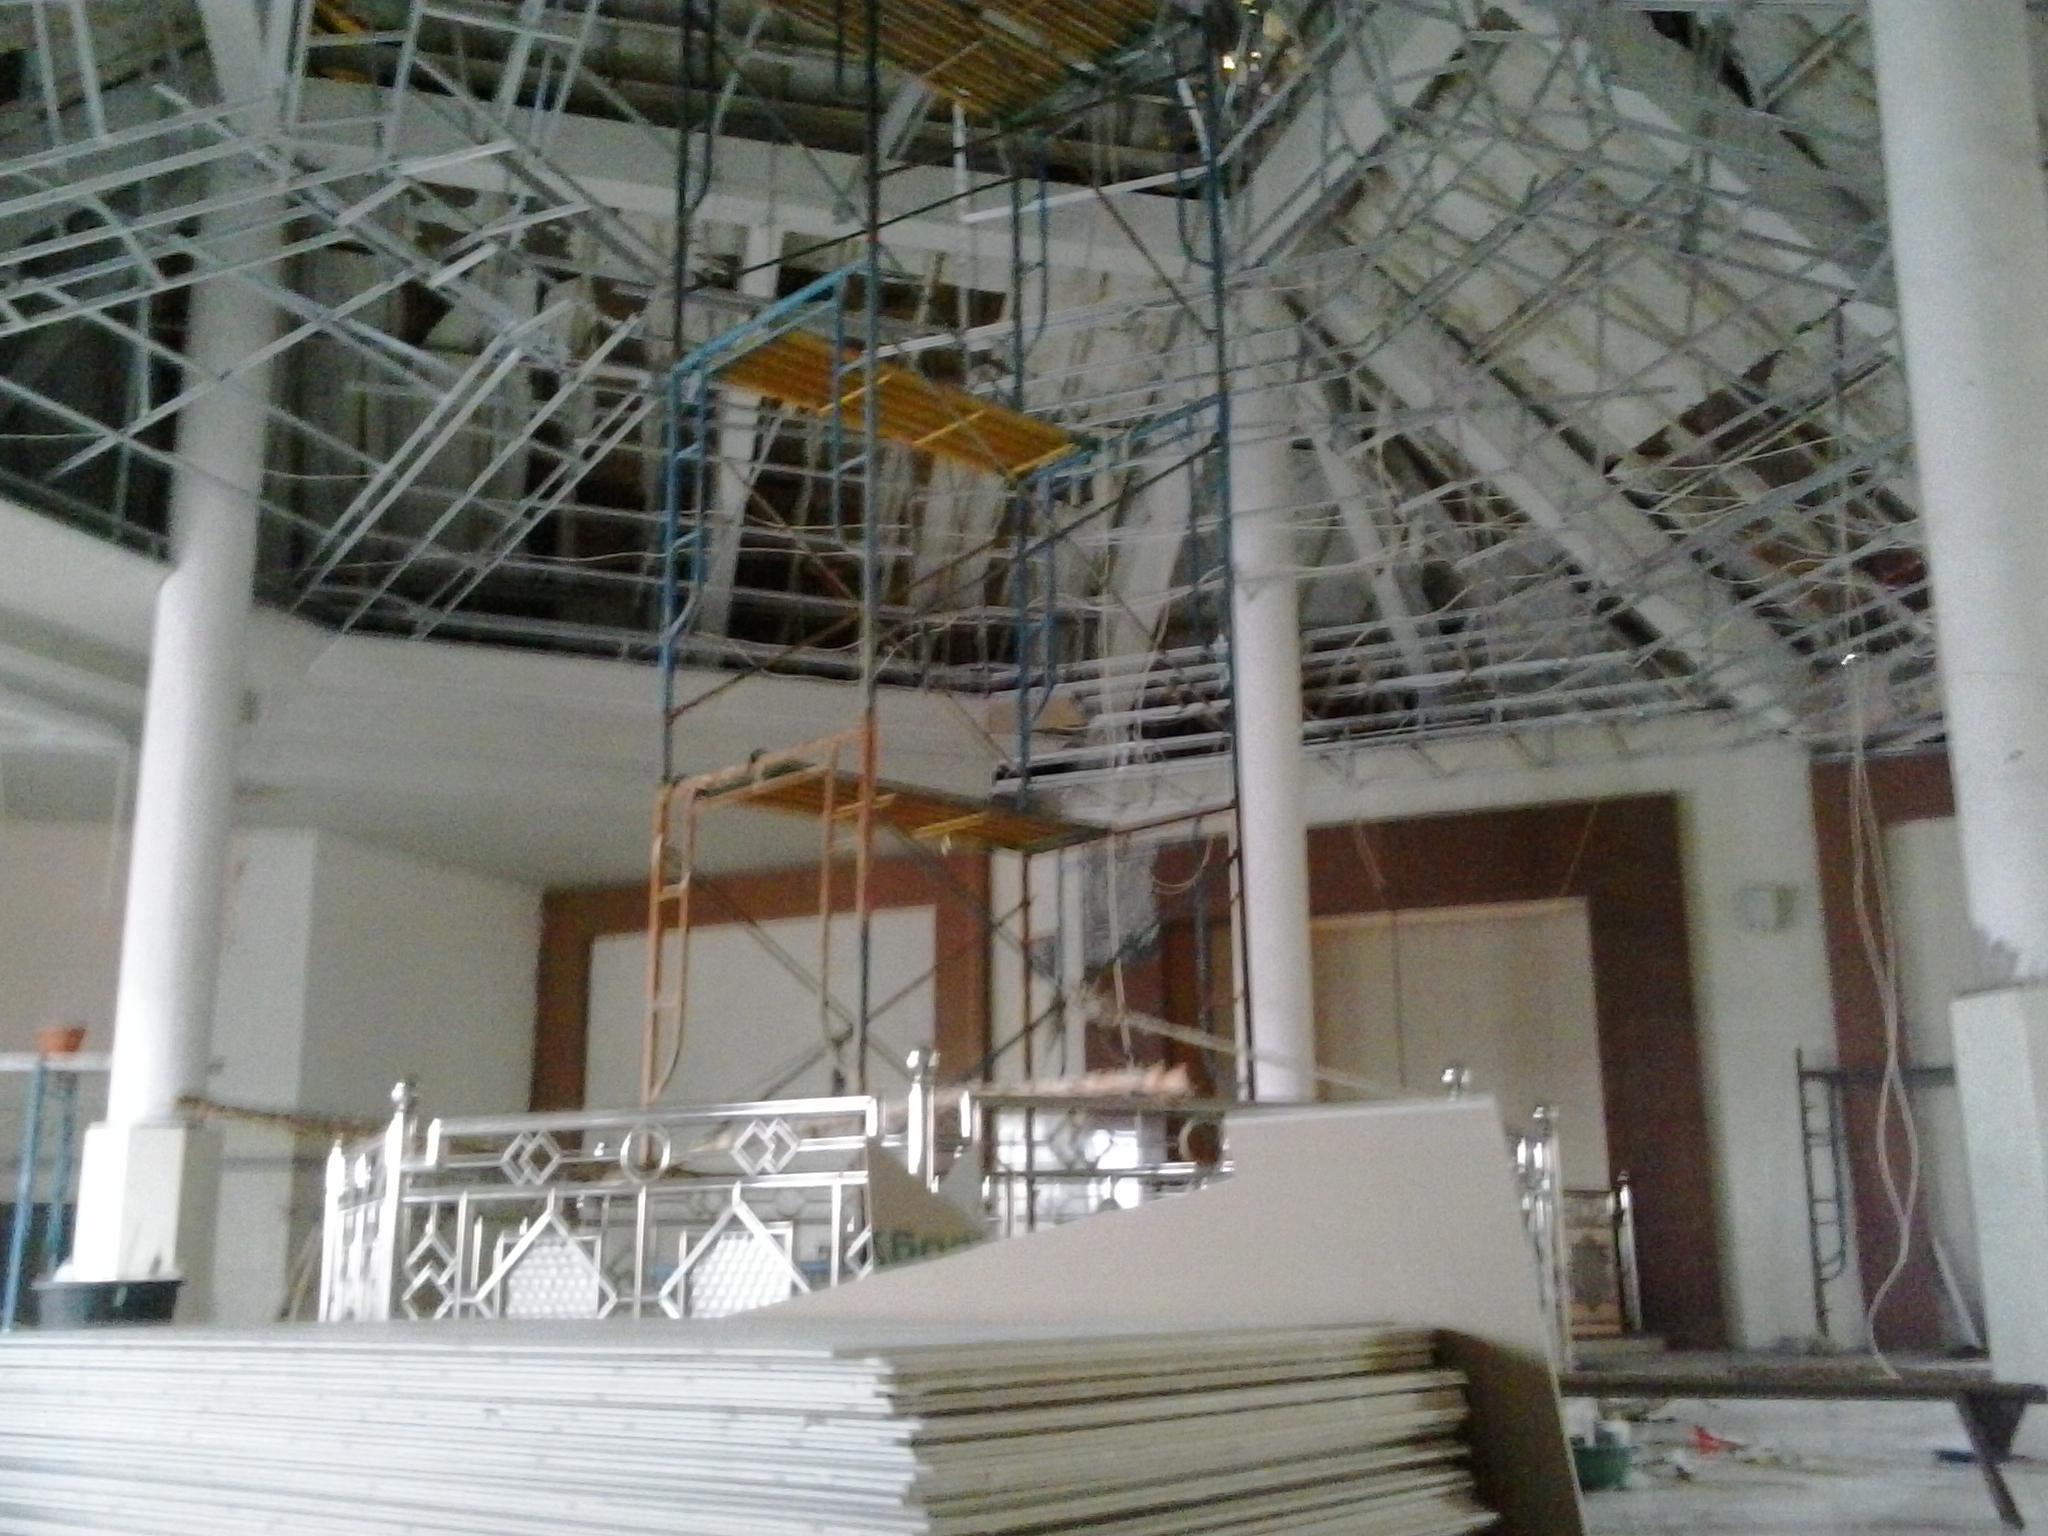 masjid-luhur-al-ikhlas-semampir-surabaya